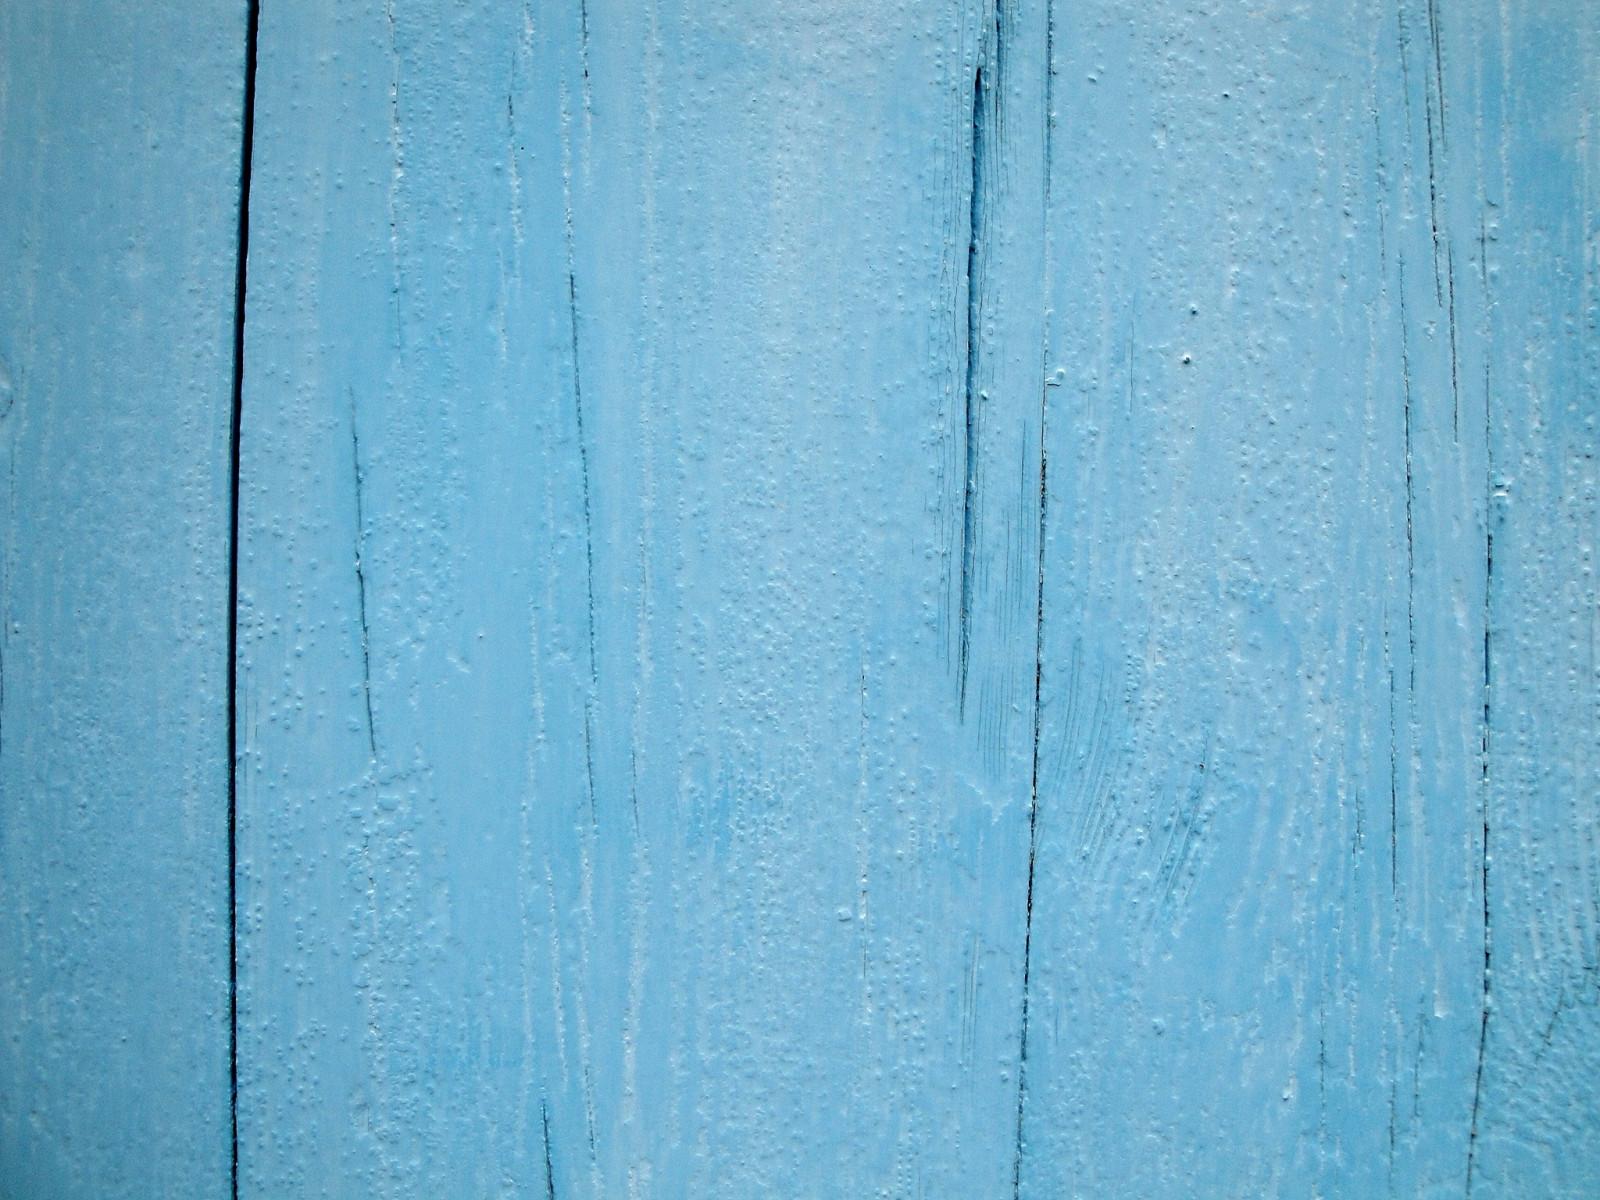 Wallpaper Dinding Kayu Hijau Biru Tekstur Plester